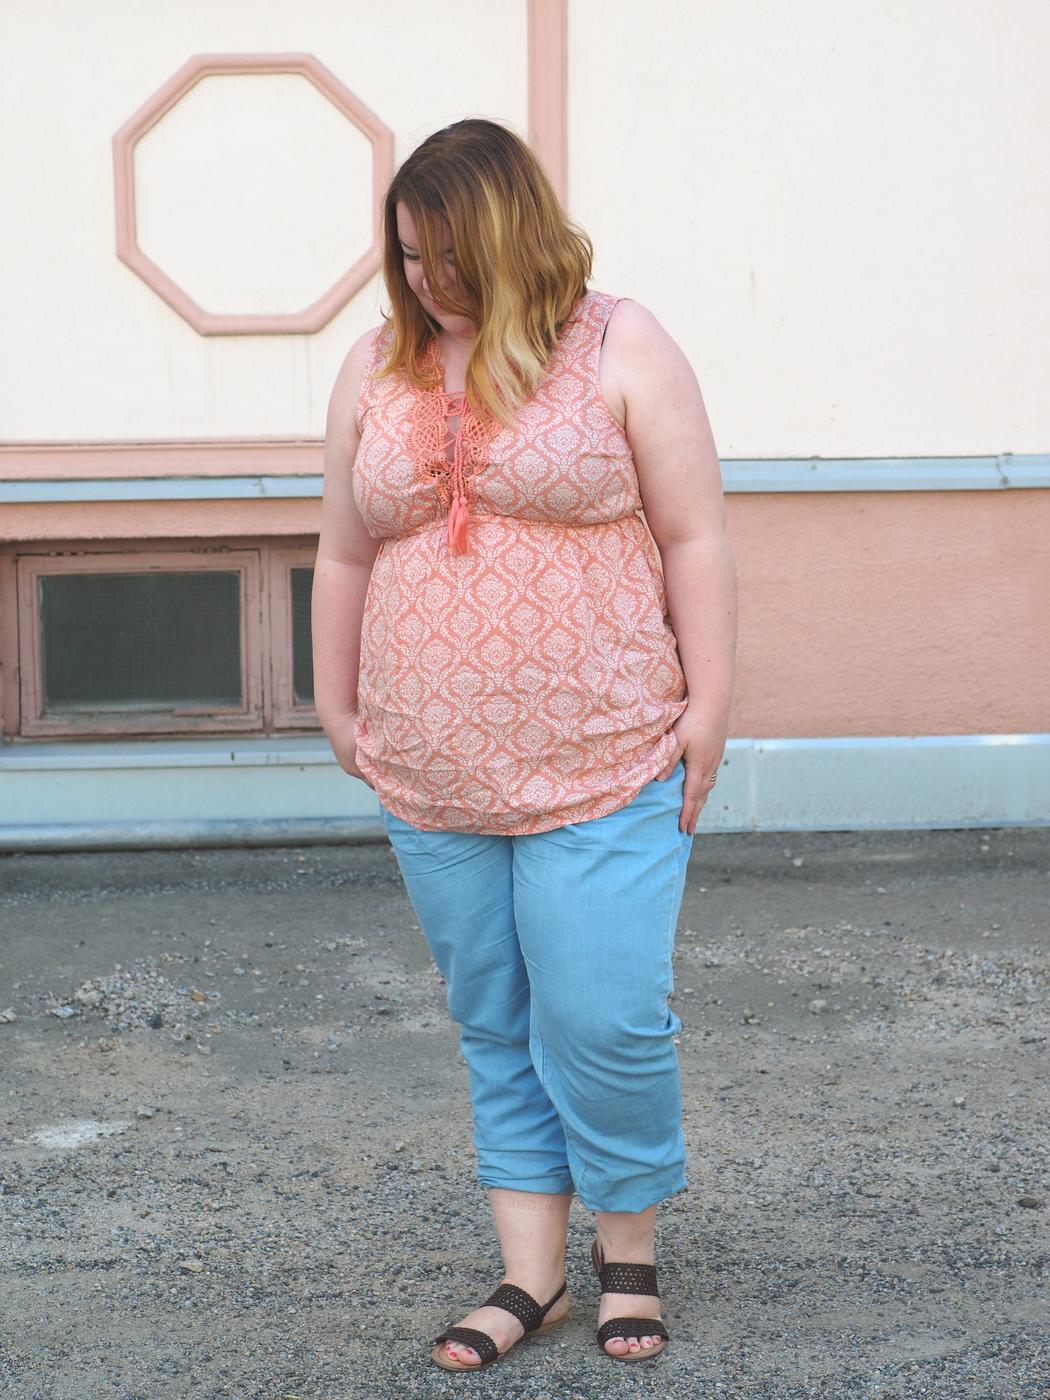 Mistä suomalainen nainen oikeasti ostaa vaatteensa?